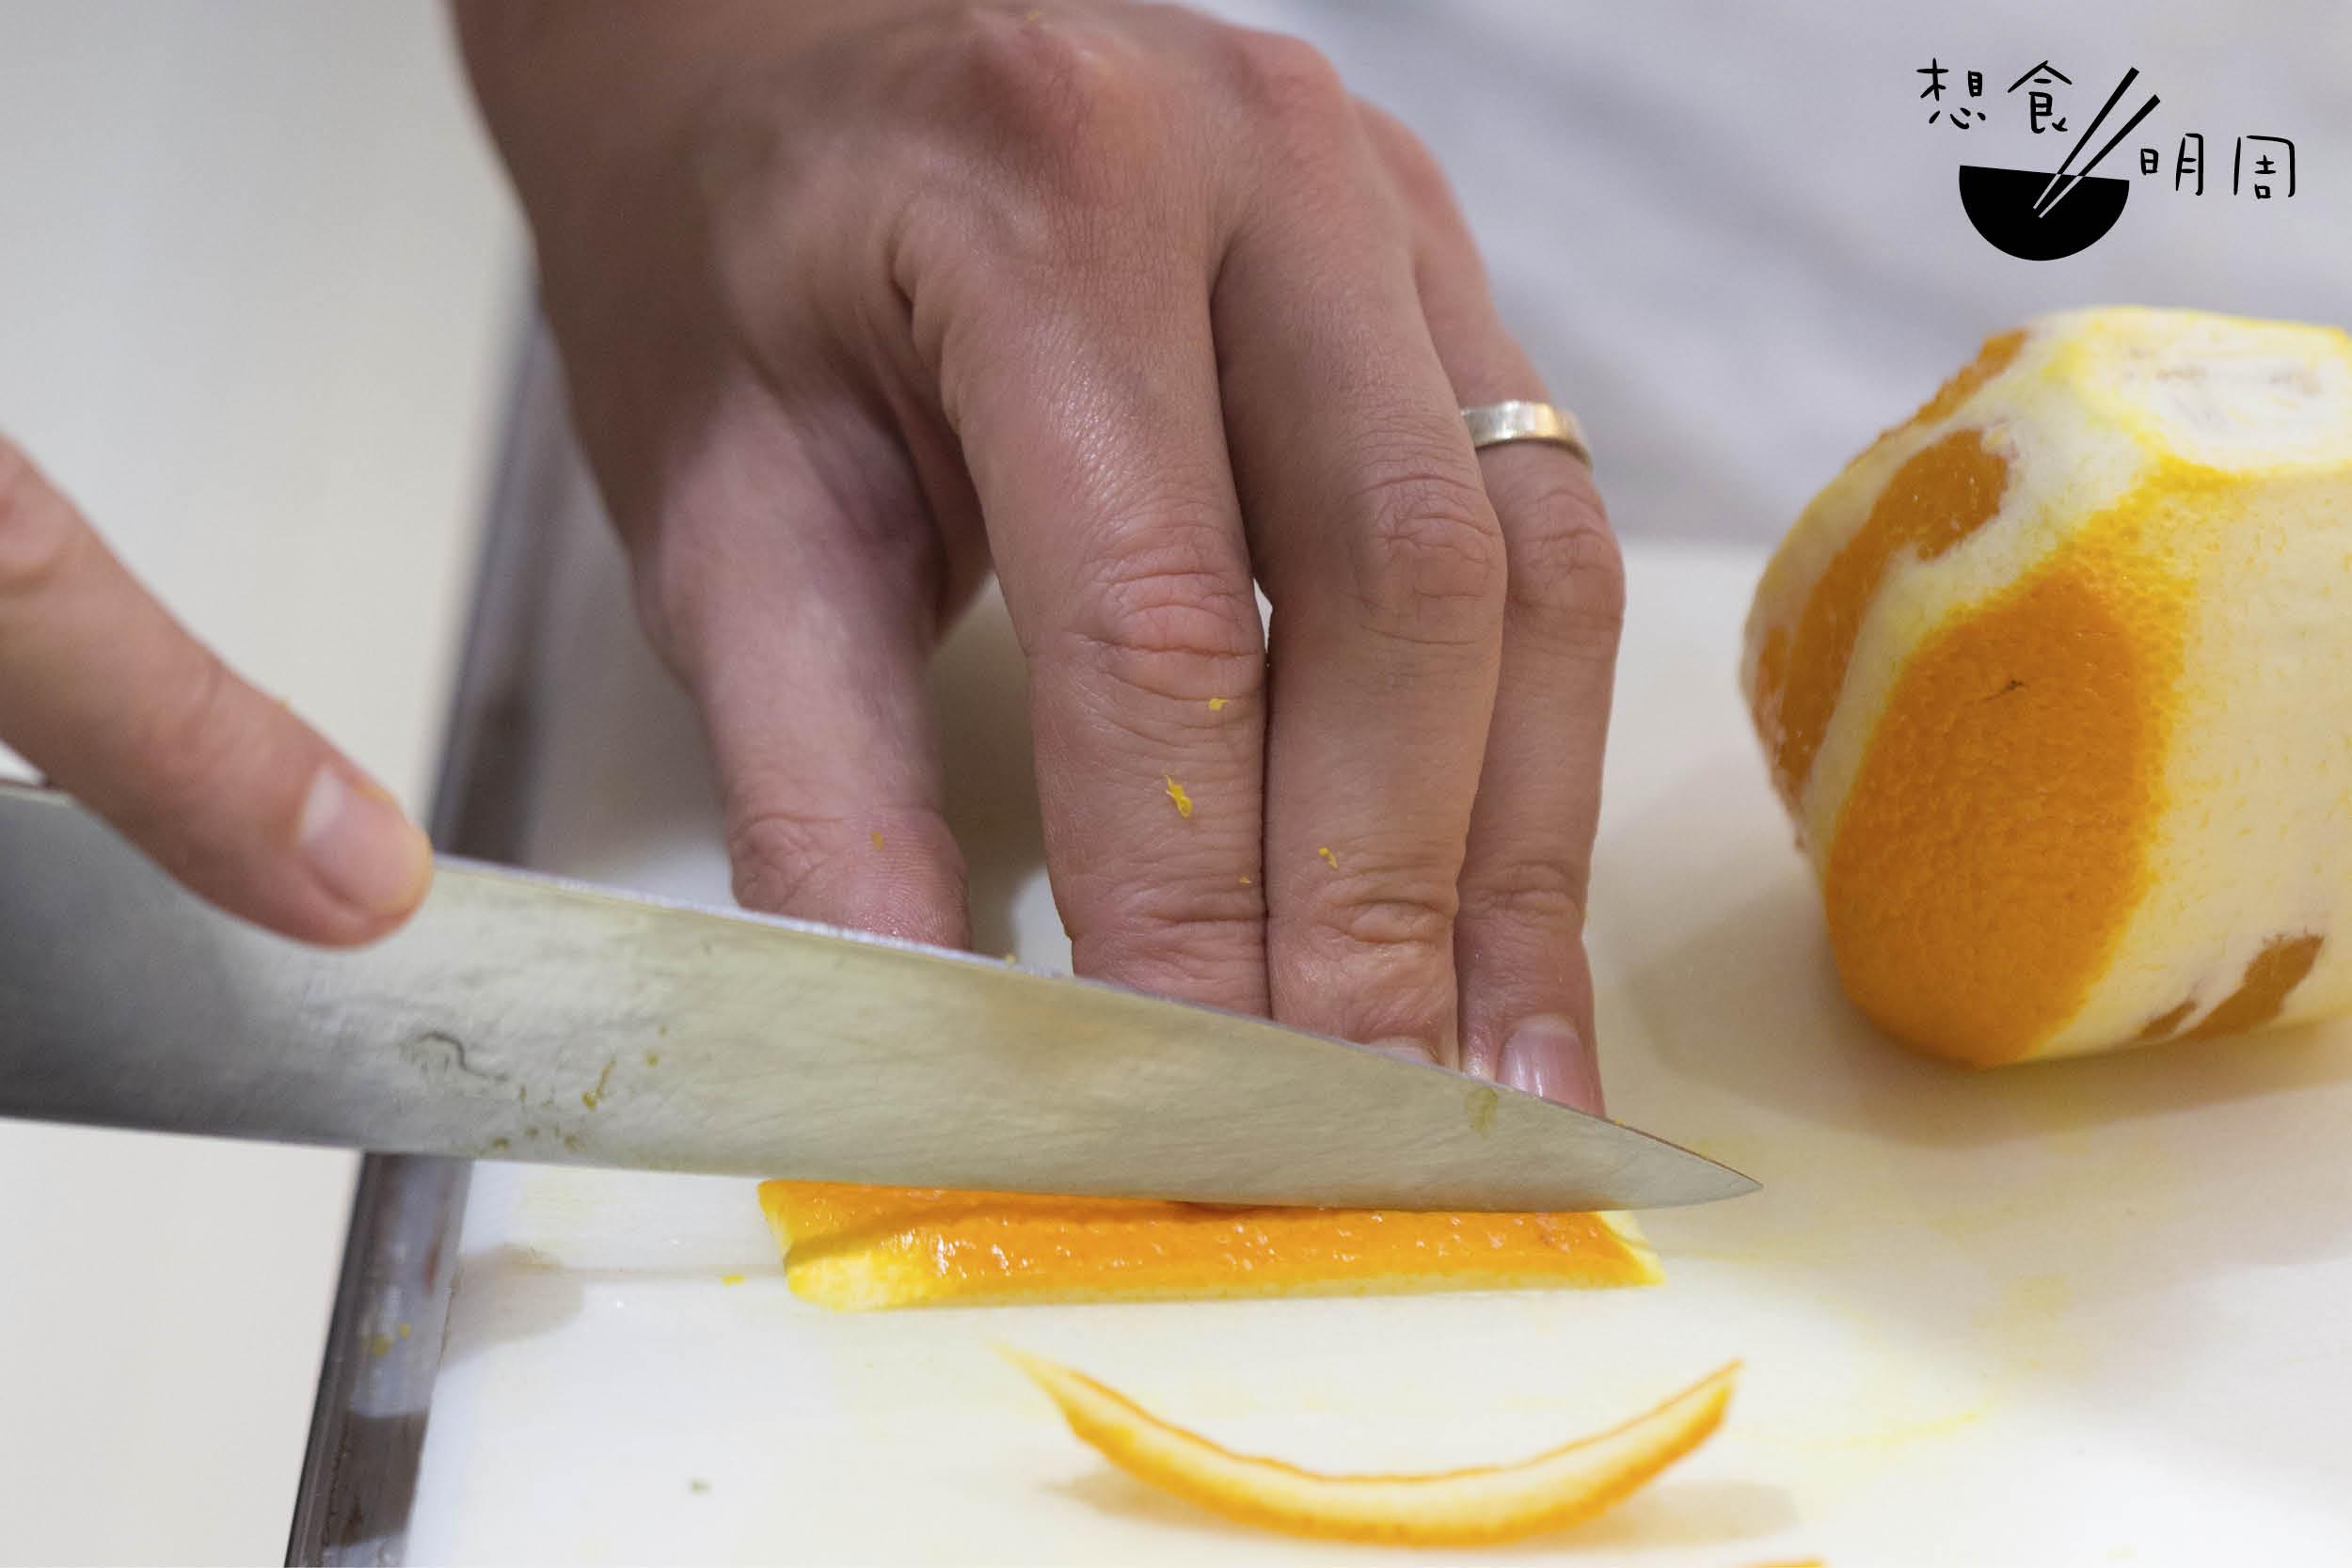 橙皮每條大小相若不只是為了工整好看,而是要確保製作時,大鍋之中的每條橙皮都能平均漬煮。